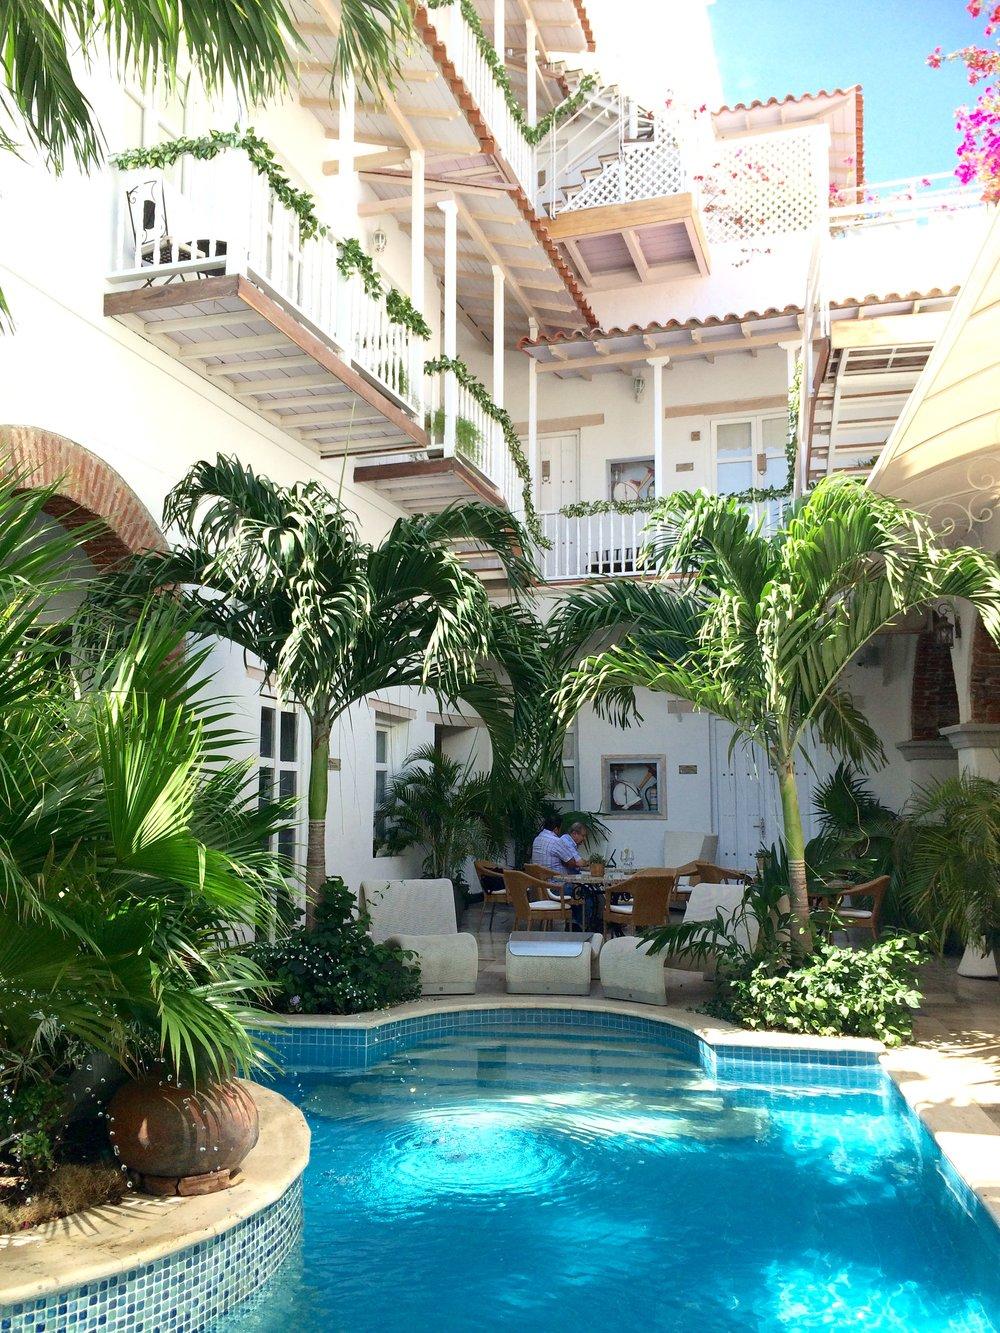 Georgia Ezra Interior designer Hotel Design Santa Marta Columbia Pool exterior.jpg